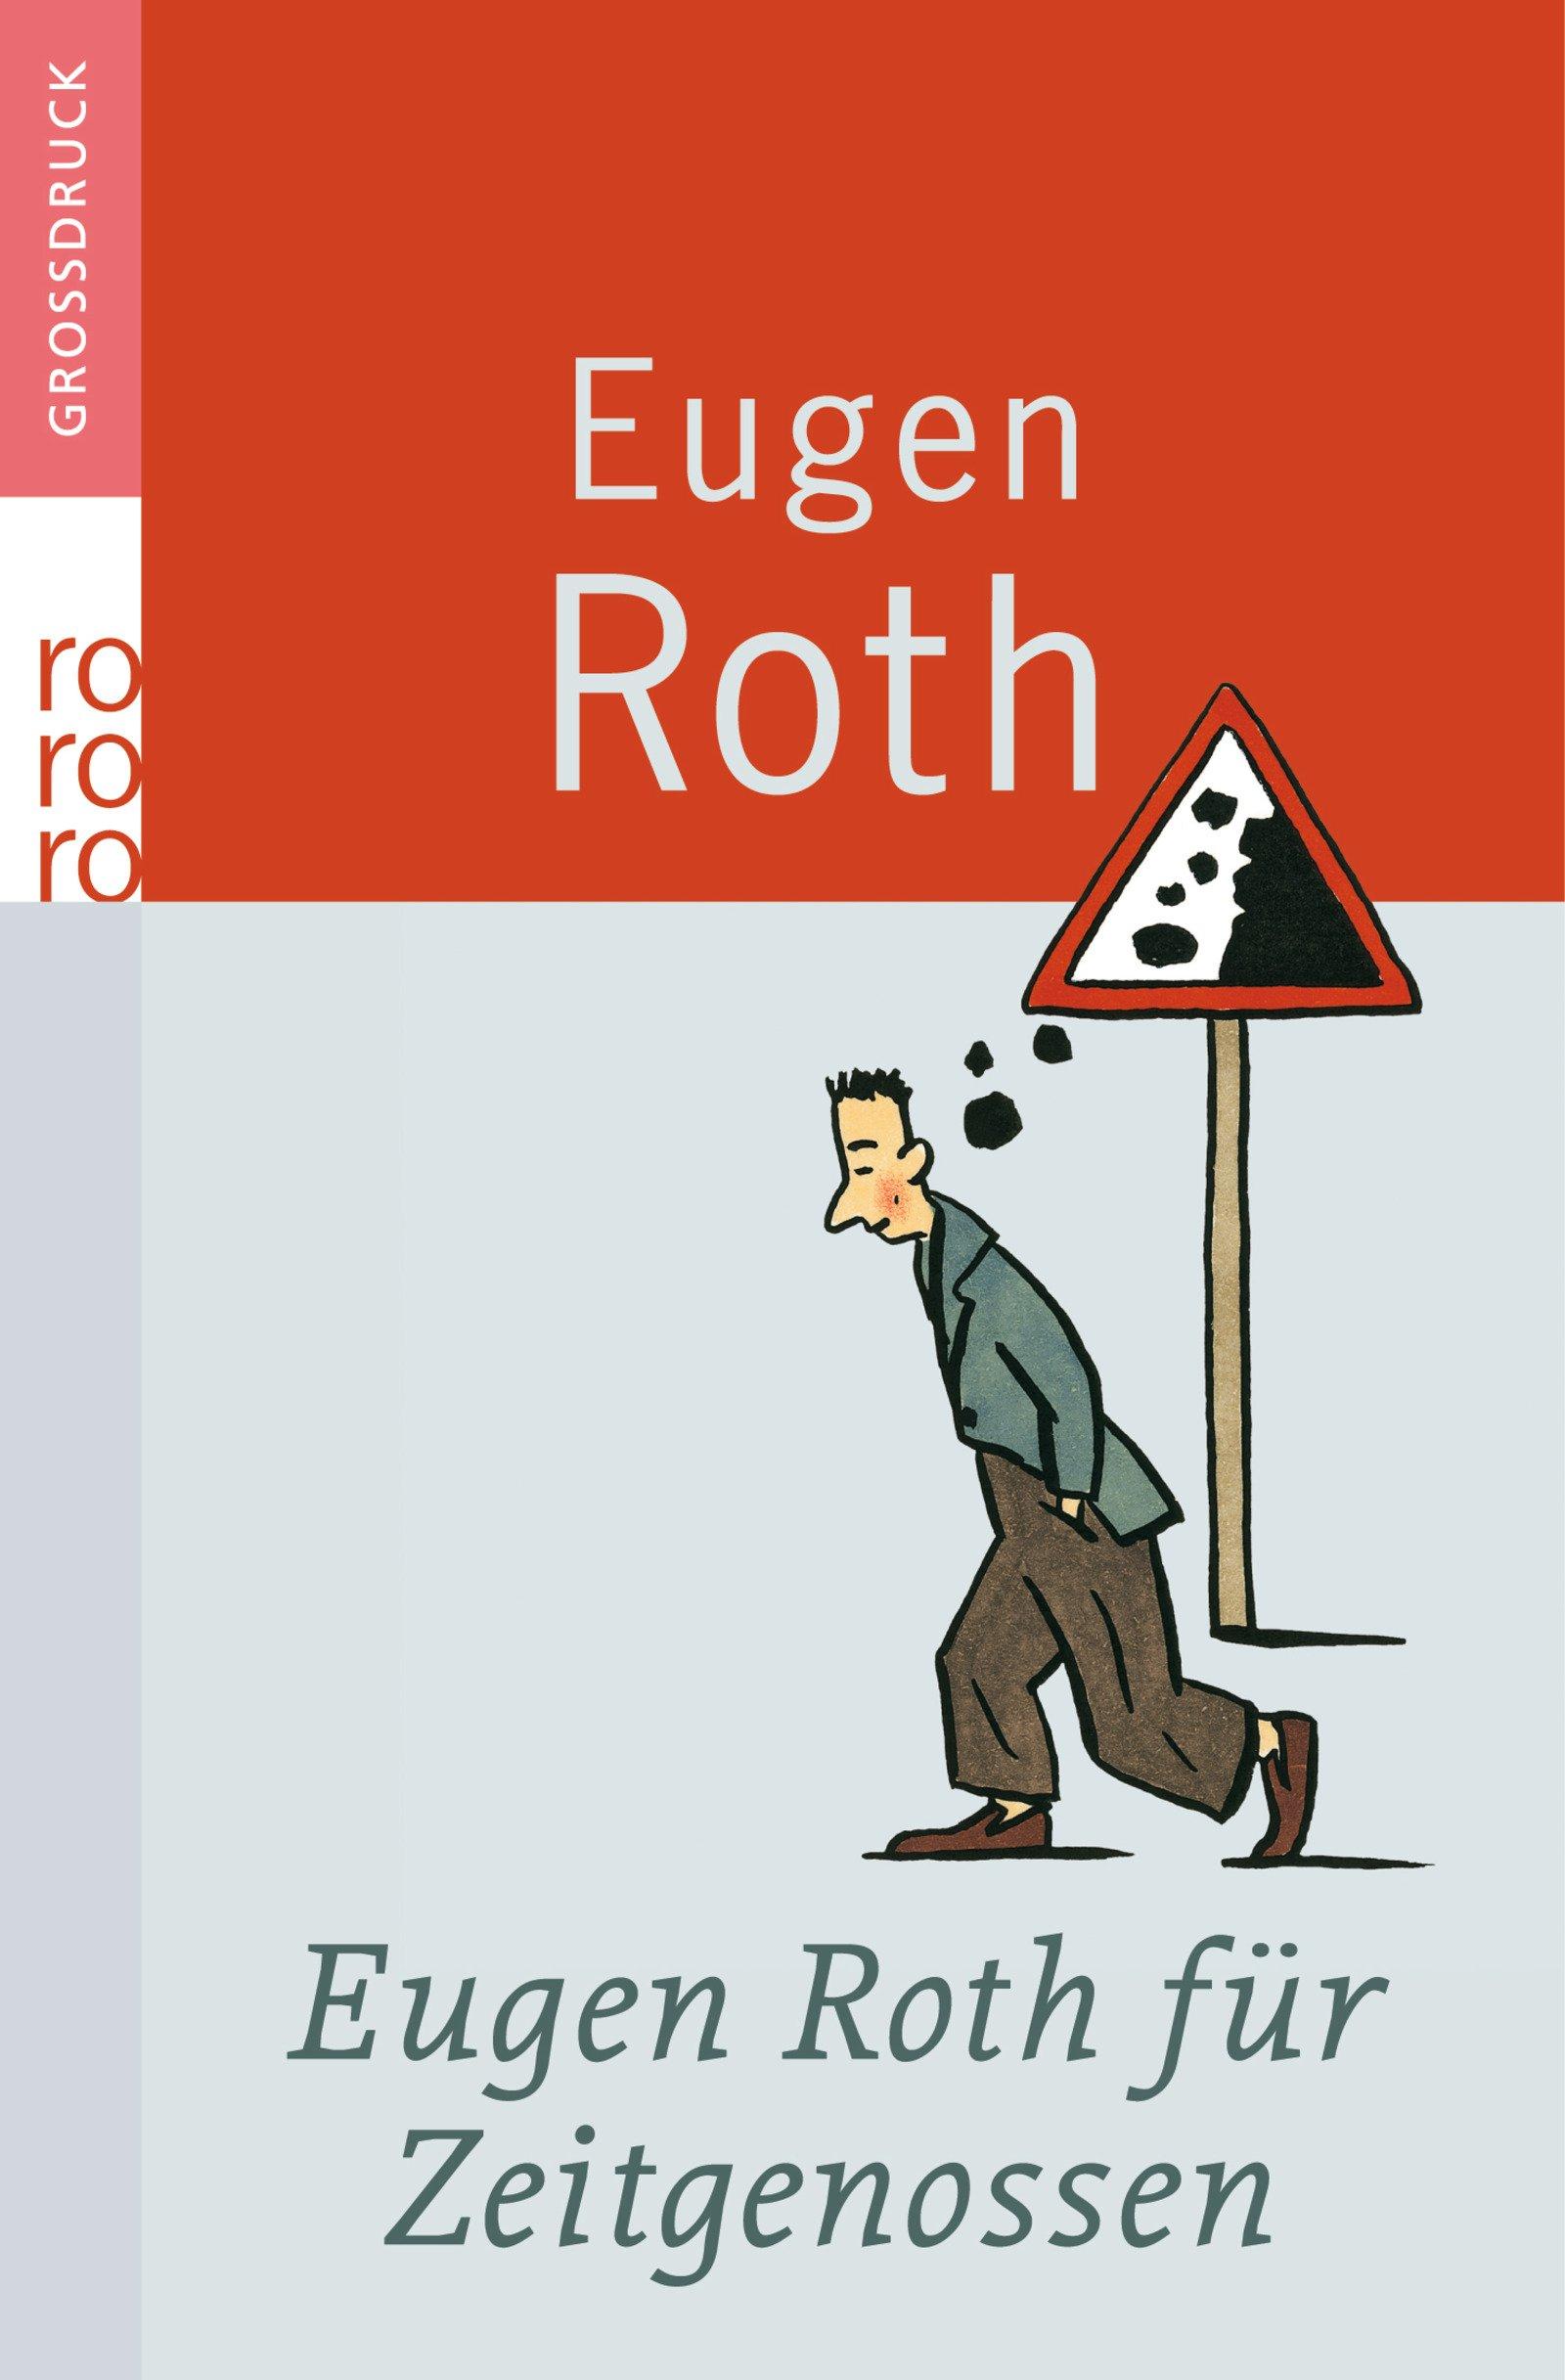 Eugen Roth für Zeitgenossen: Amazon.de: Eugen Roth: Bücher